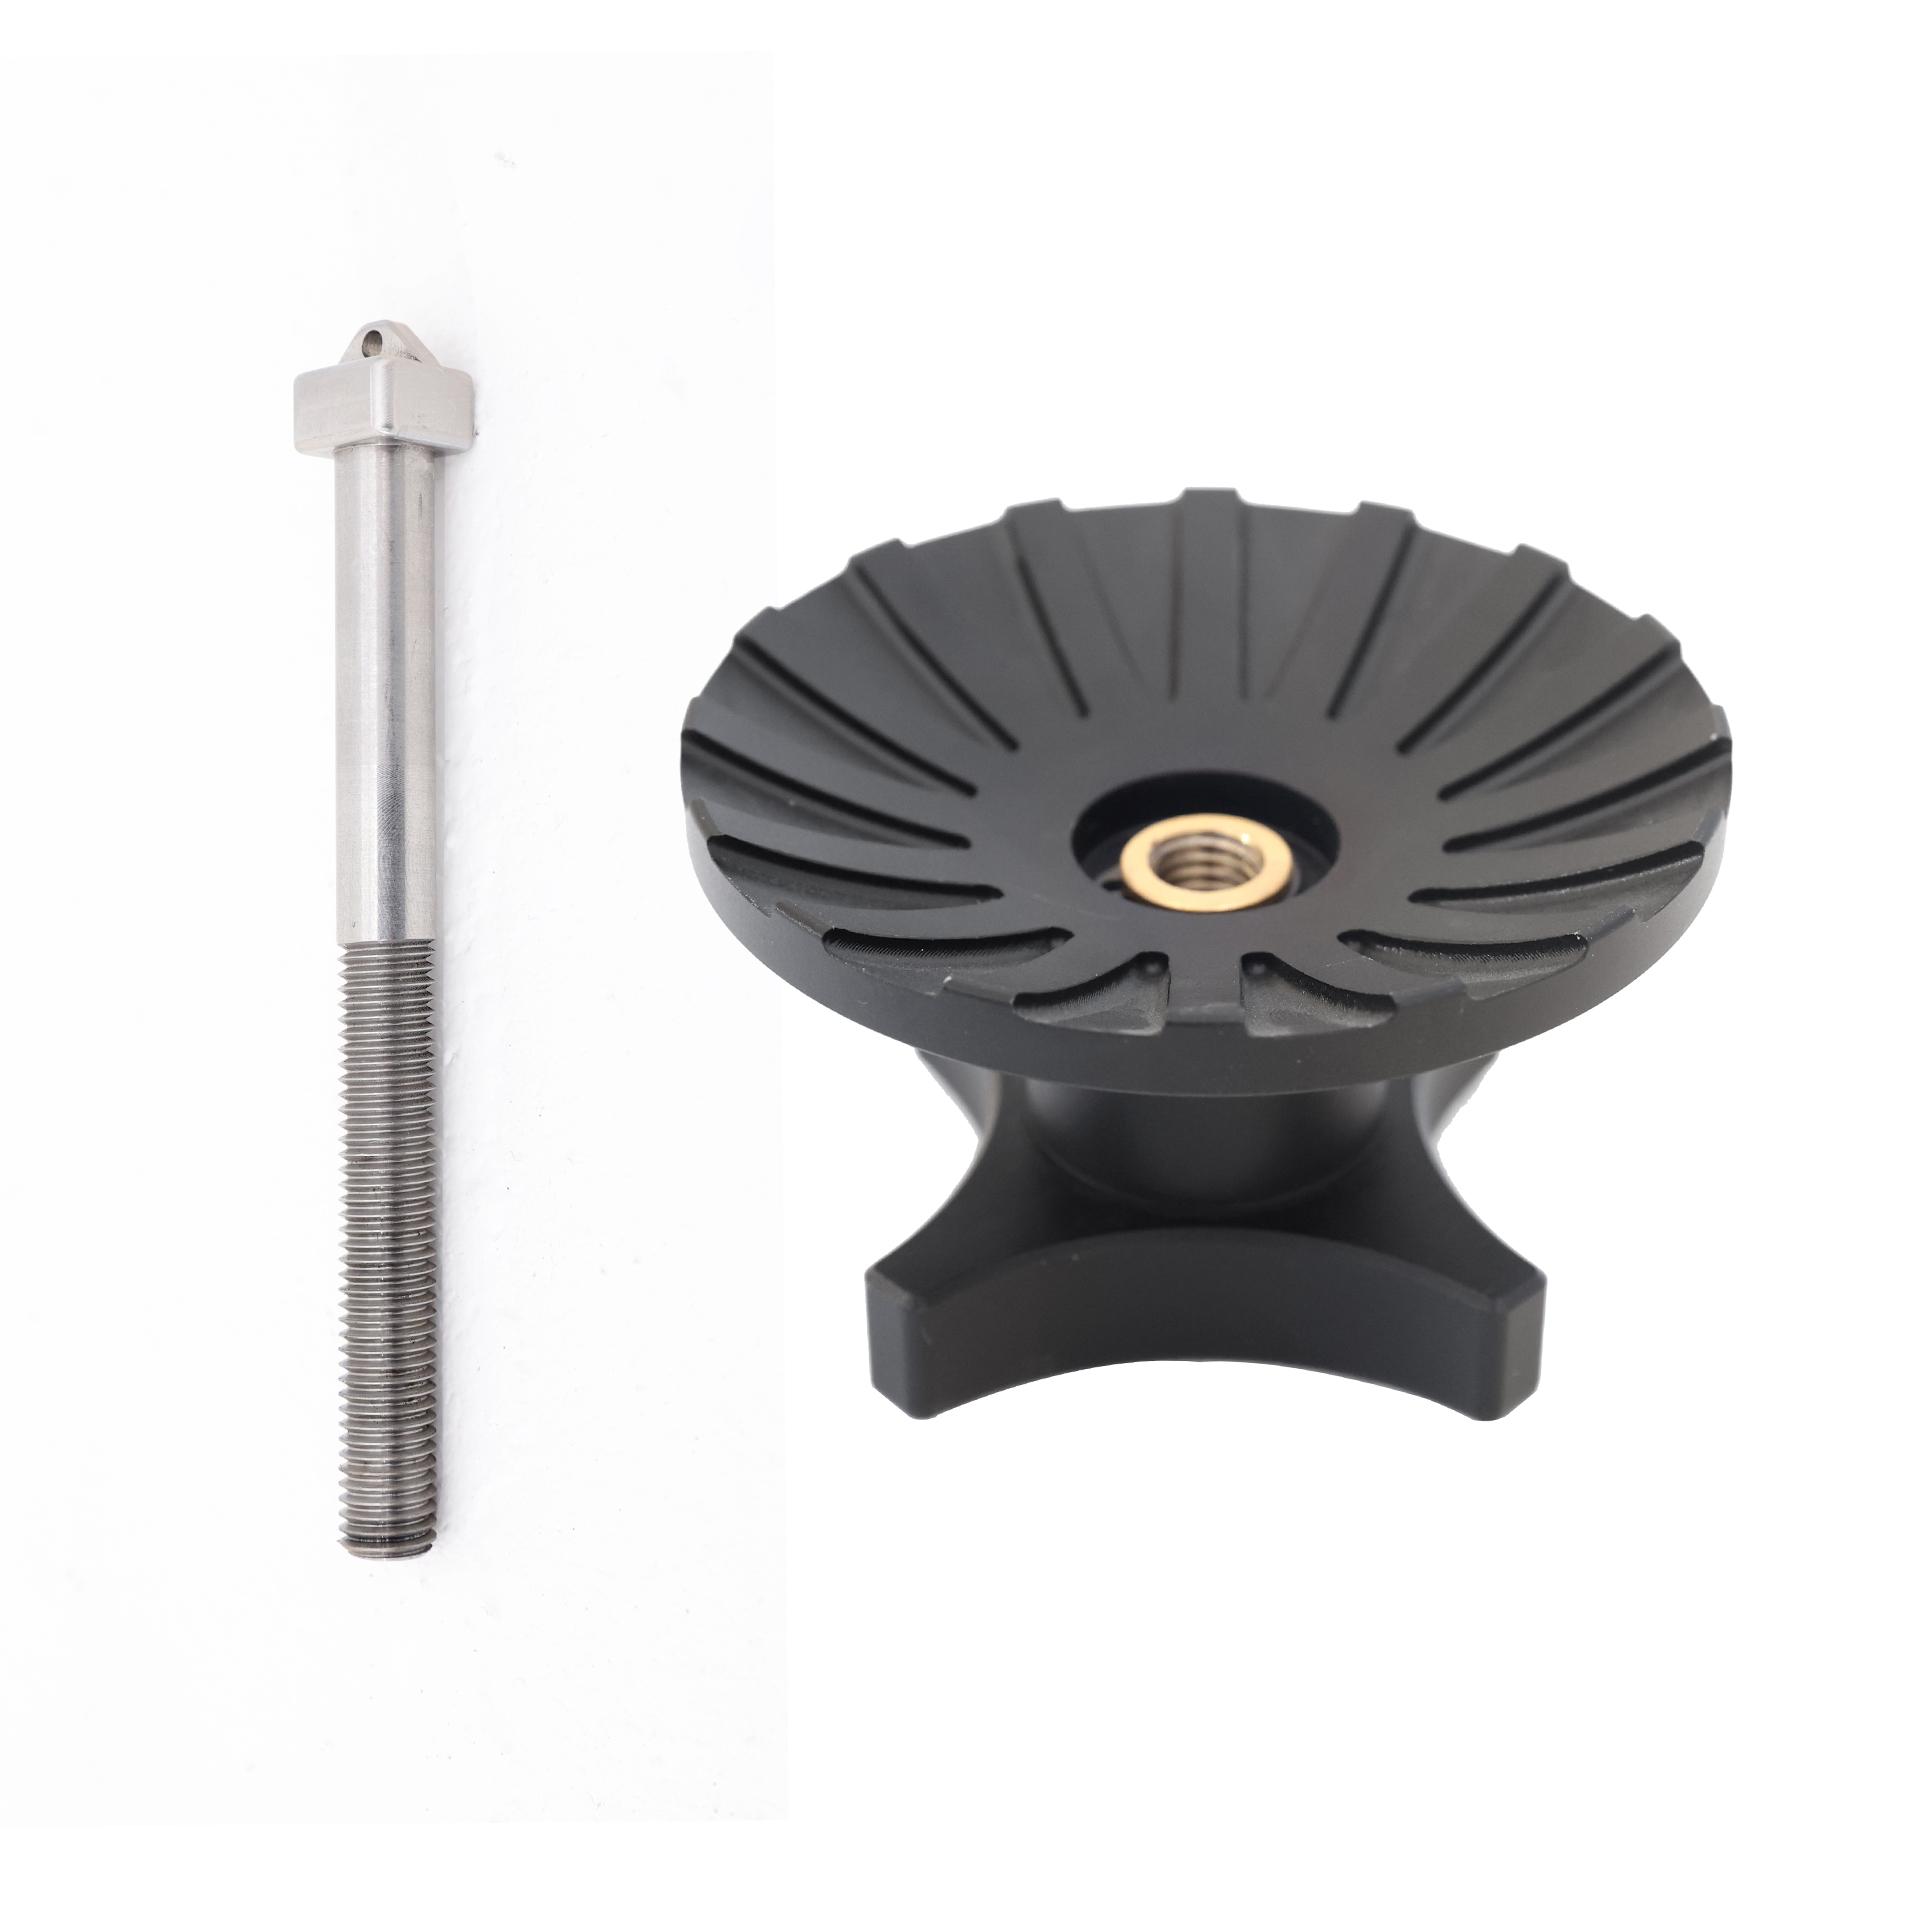 MOVMAX滑块碗螺栓